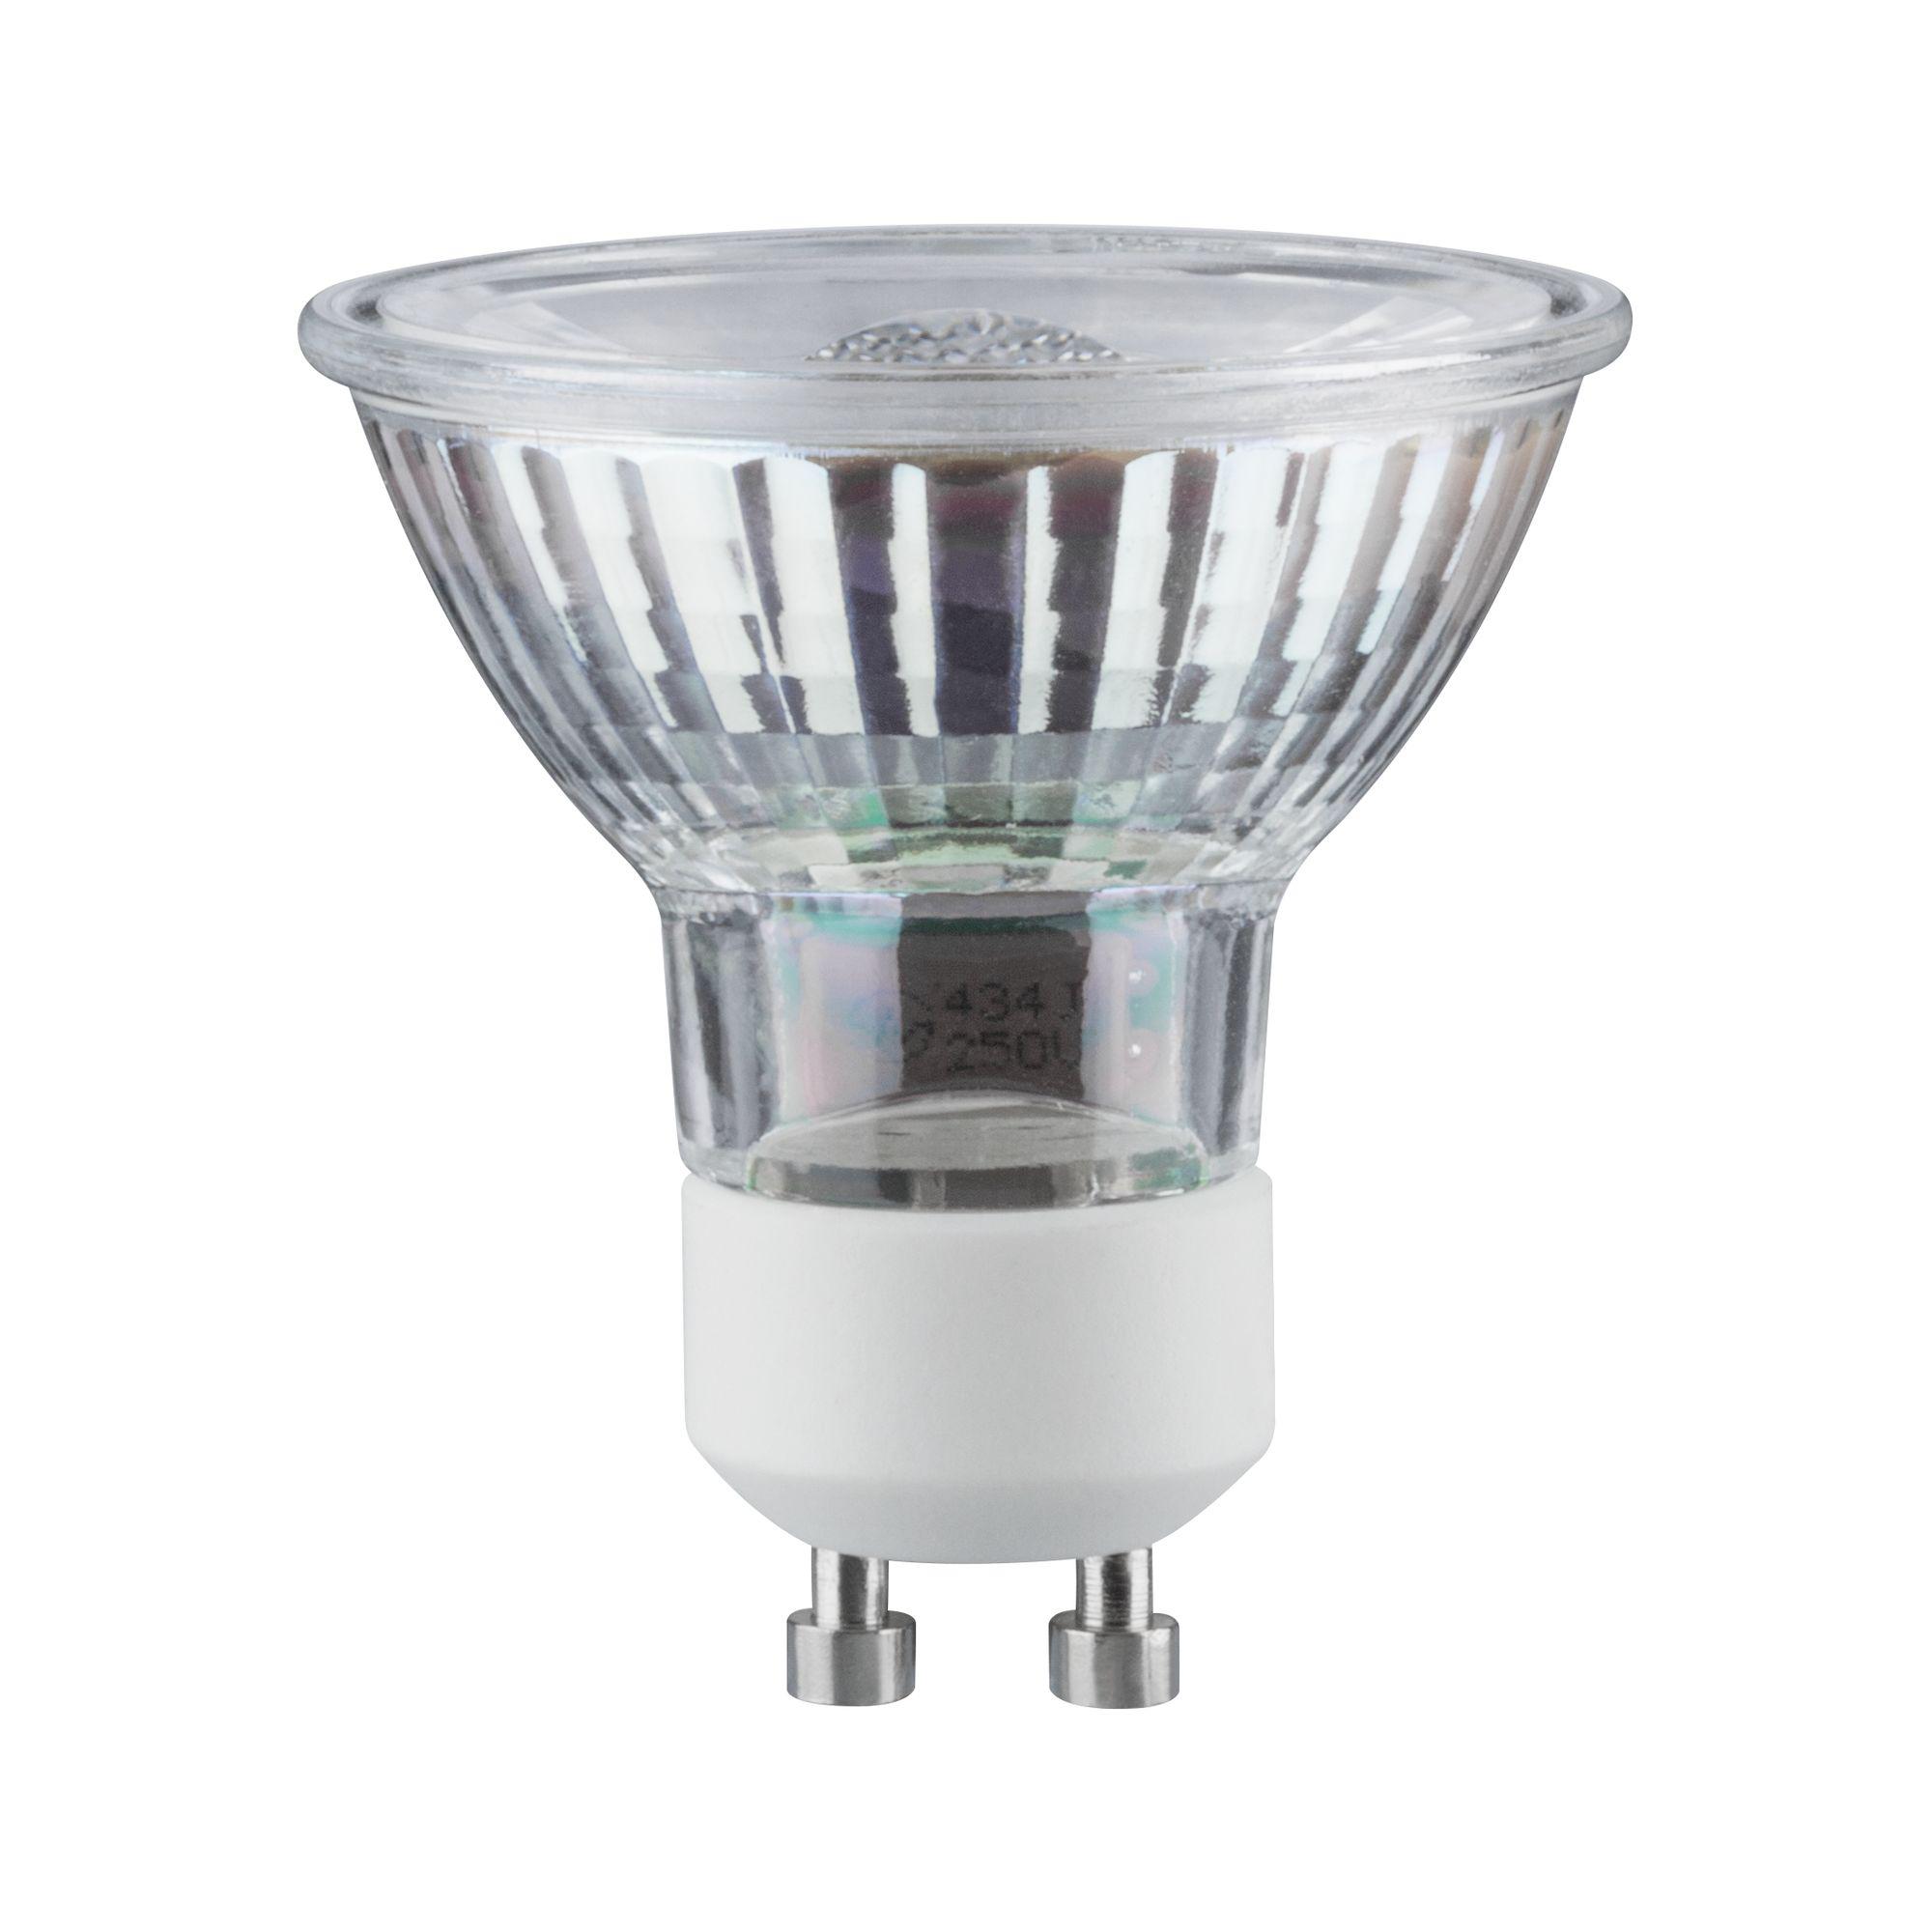 Лампа светодиодная Paulmann Рефлекторная 5.3Вт 345лм GU10 2700K 230В Серебро 28410.